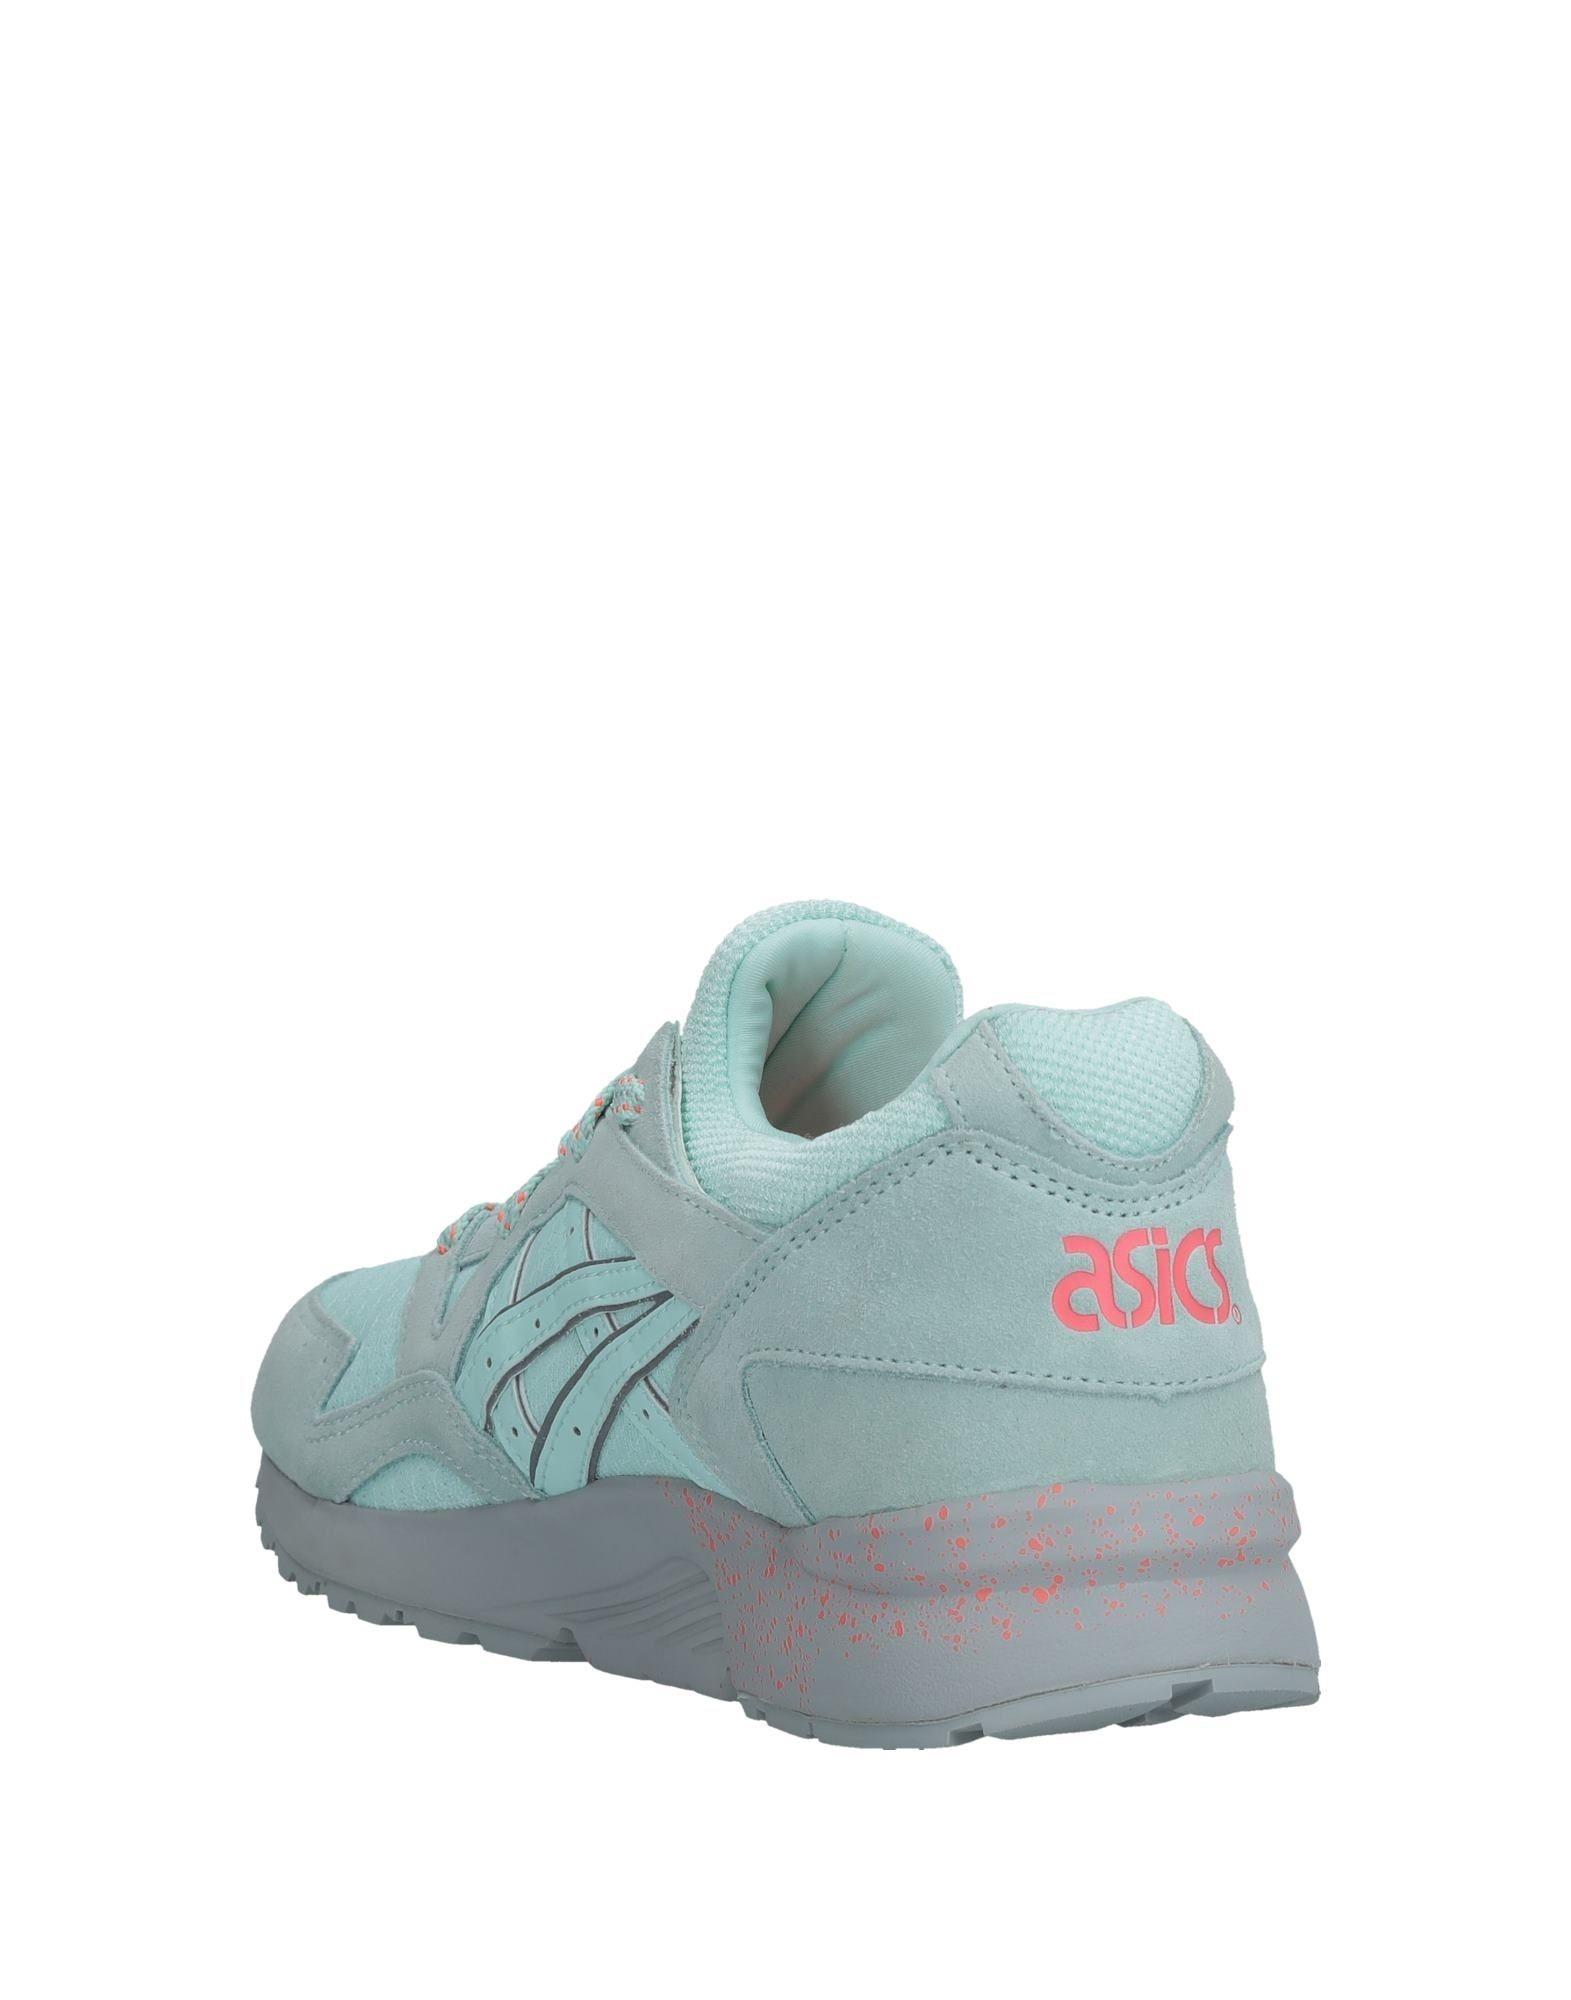 Asics Tiger Sneakers Qualität Damen  11535810CF Gute Qualität Sneakers beliebte Schuhe 49b1fa